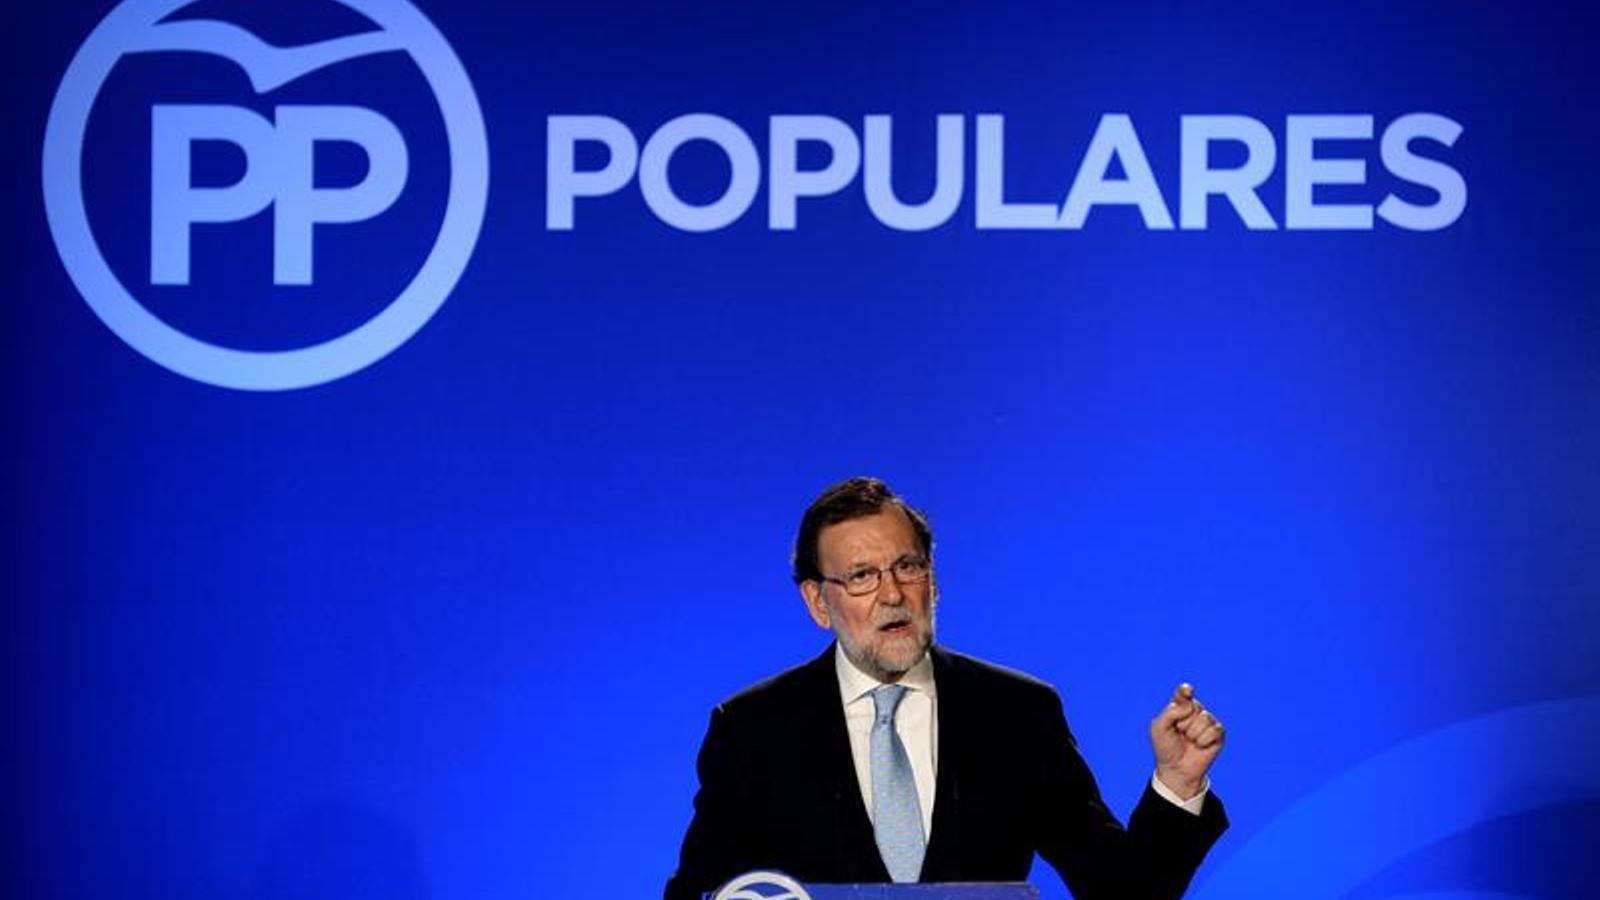 El president espanyol en funcions, Mariano Rajoy, ha presidit aquest divendres la junta autonòmica del PP a Castella i Lleó. EFE